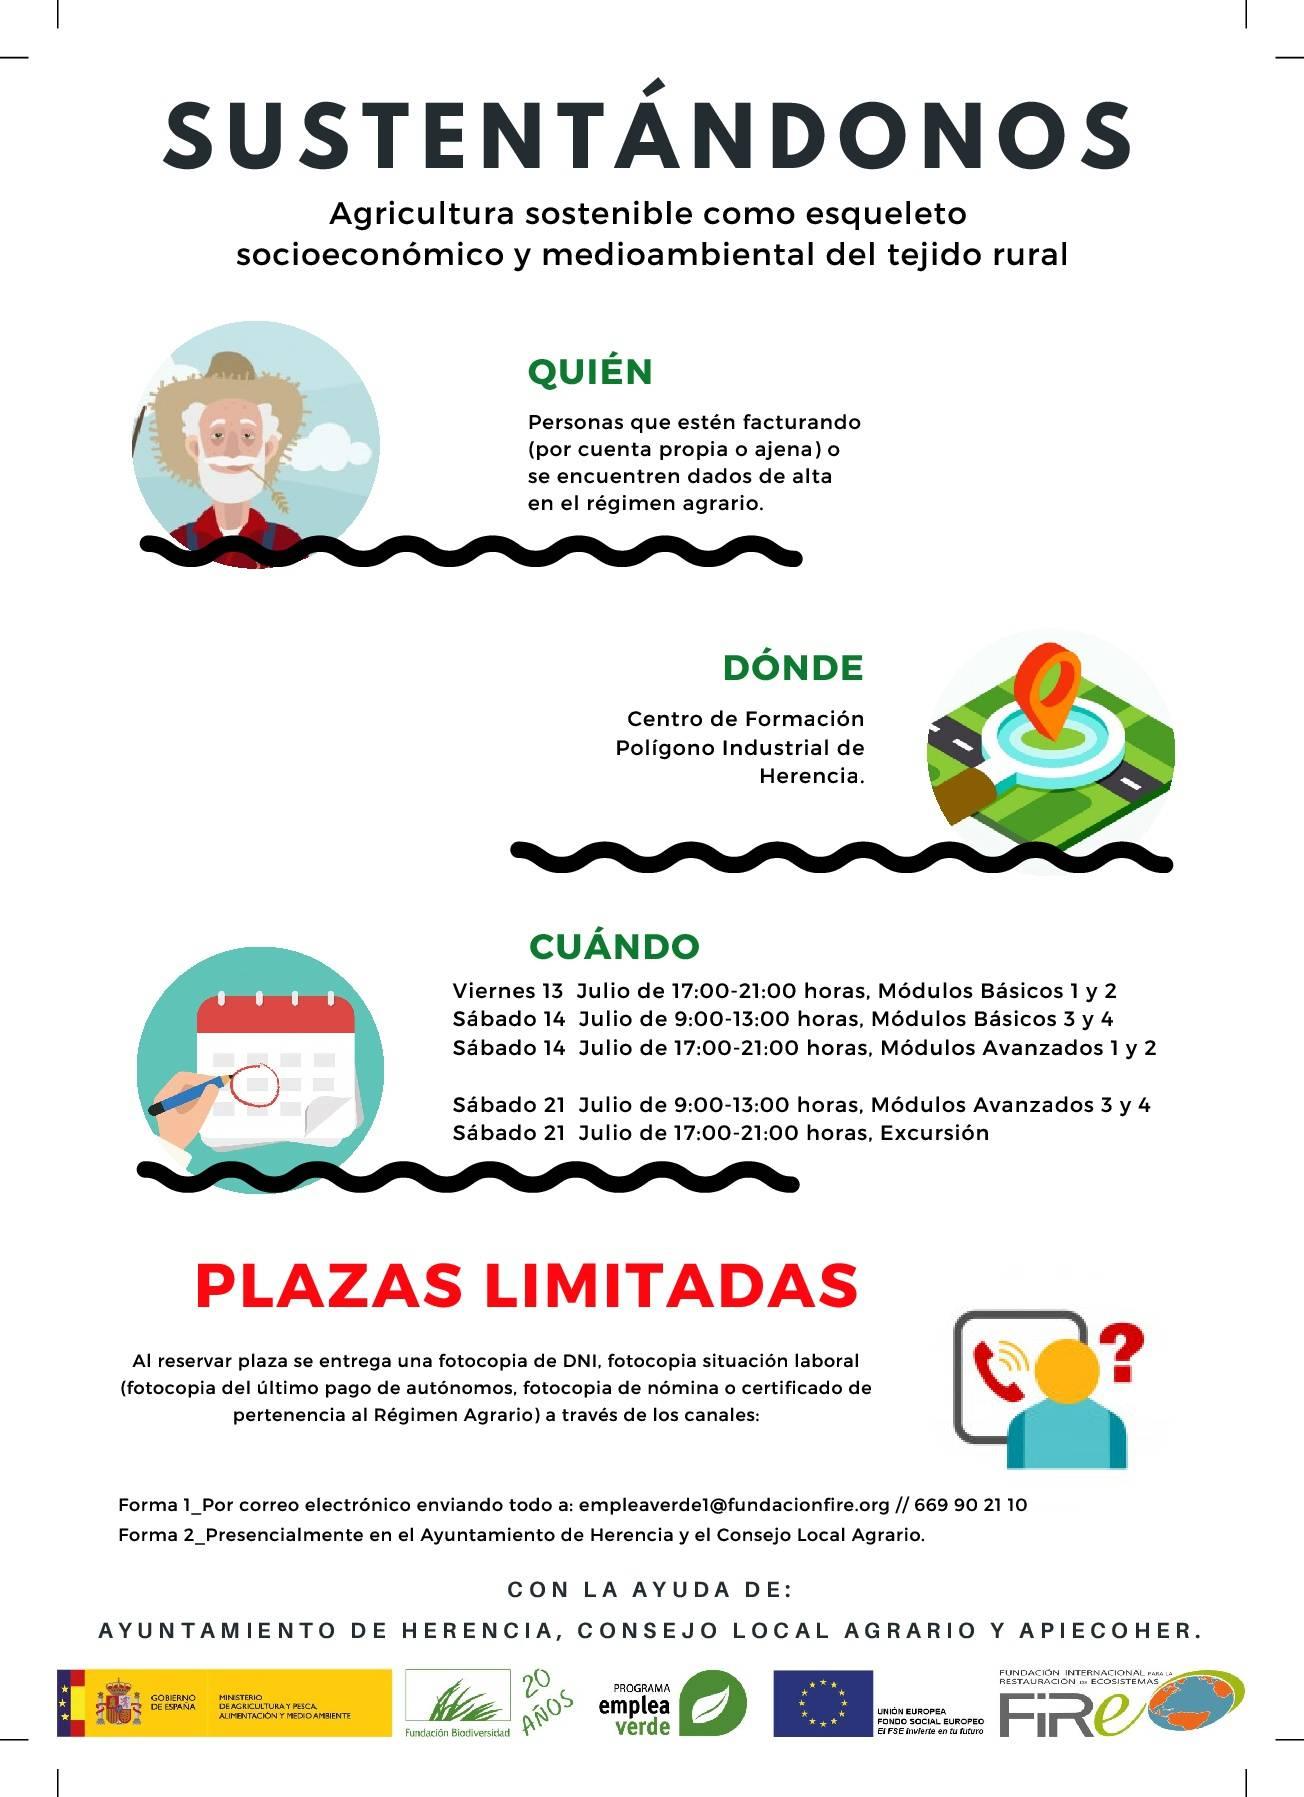 agricultura sostenible herencia - Cursos gratuitos sobre agricultura sostenible en Herencia